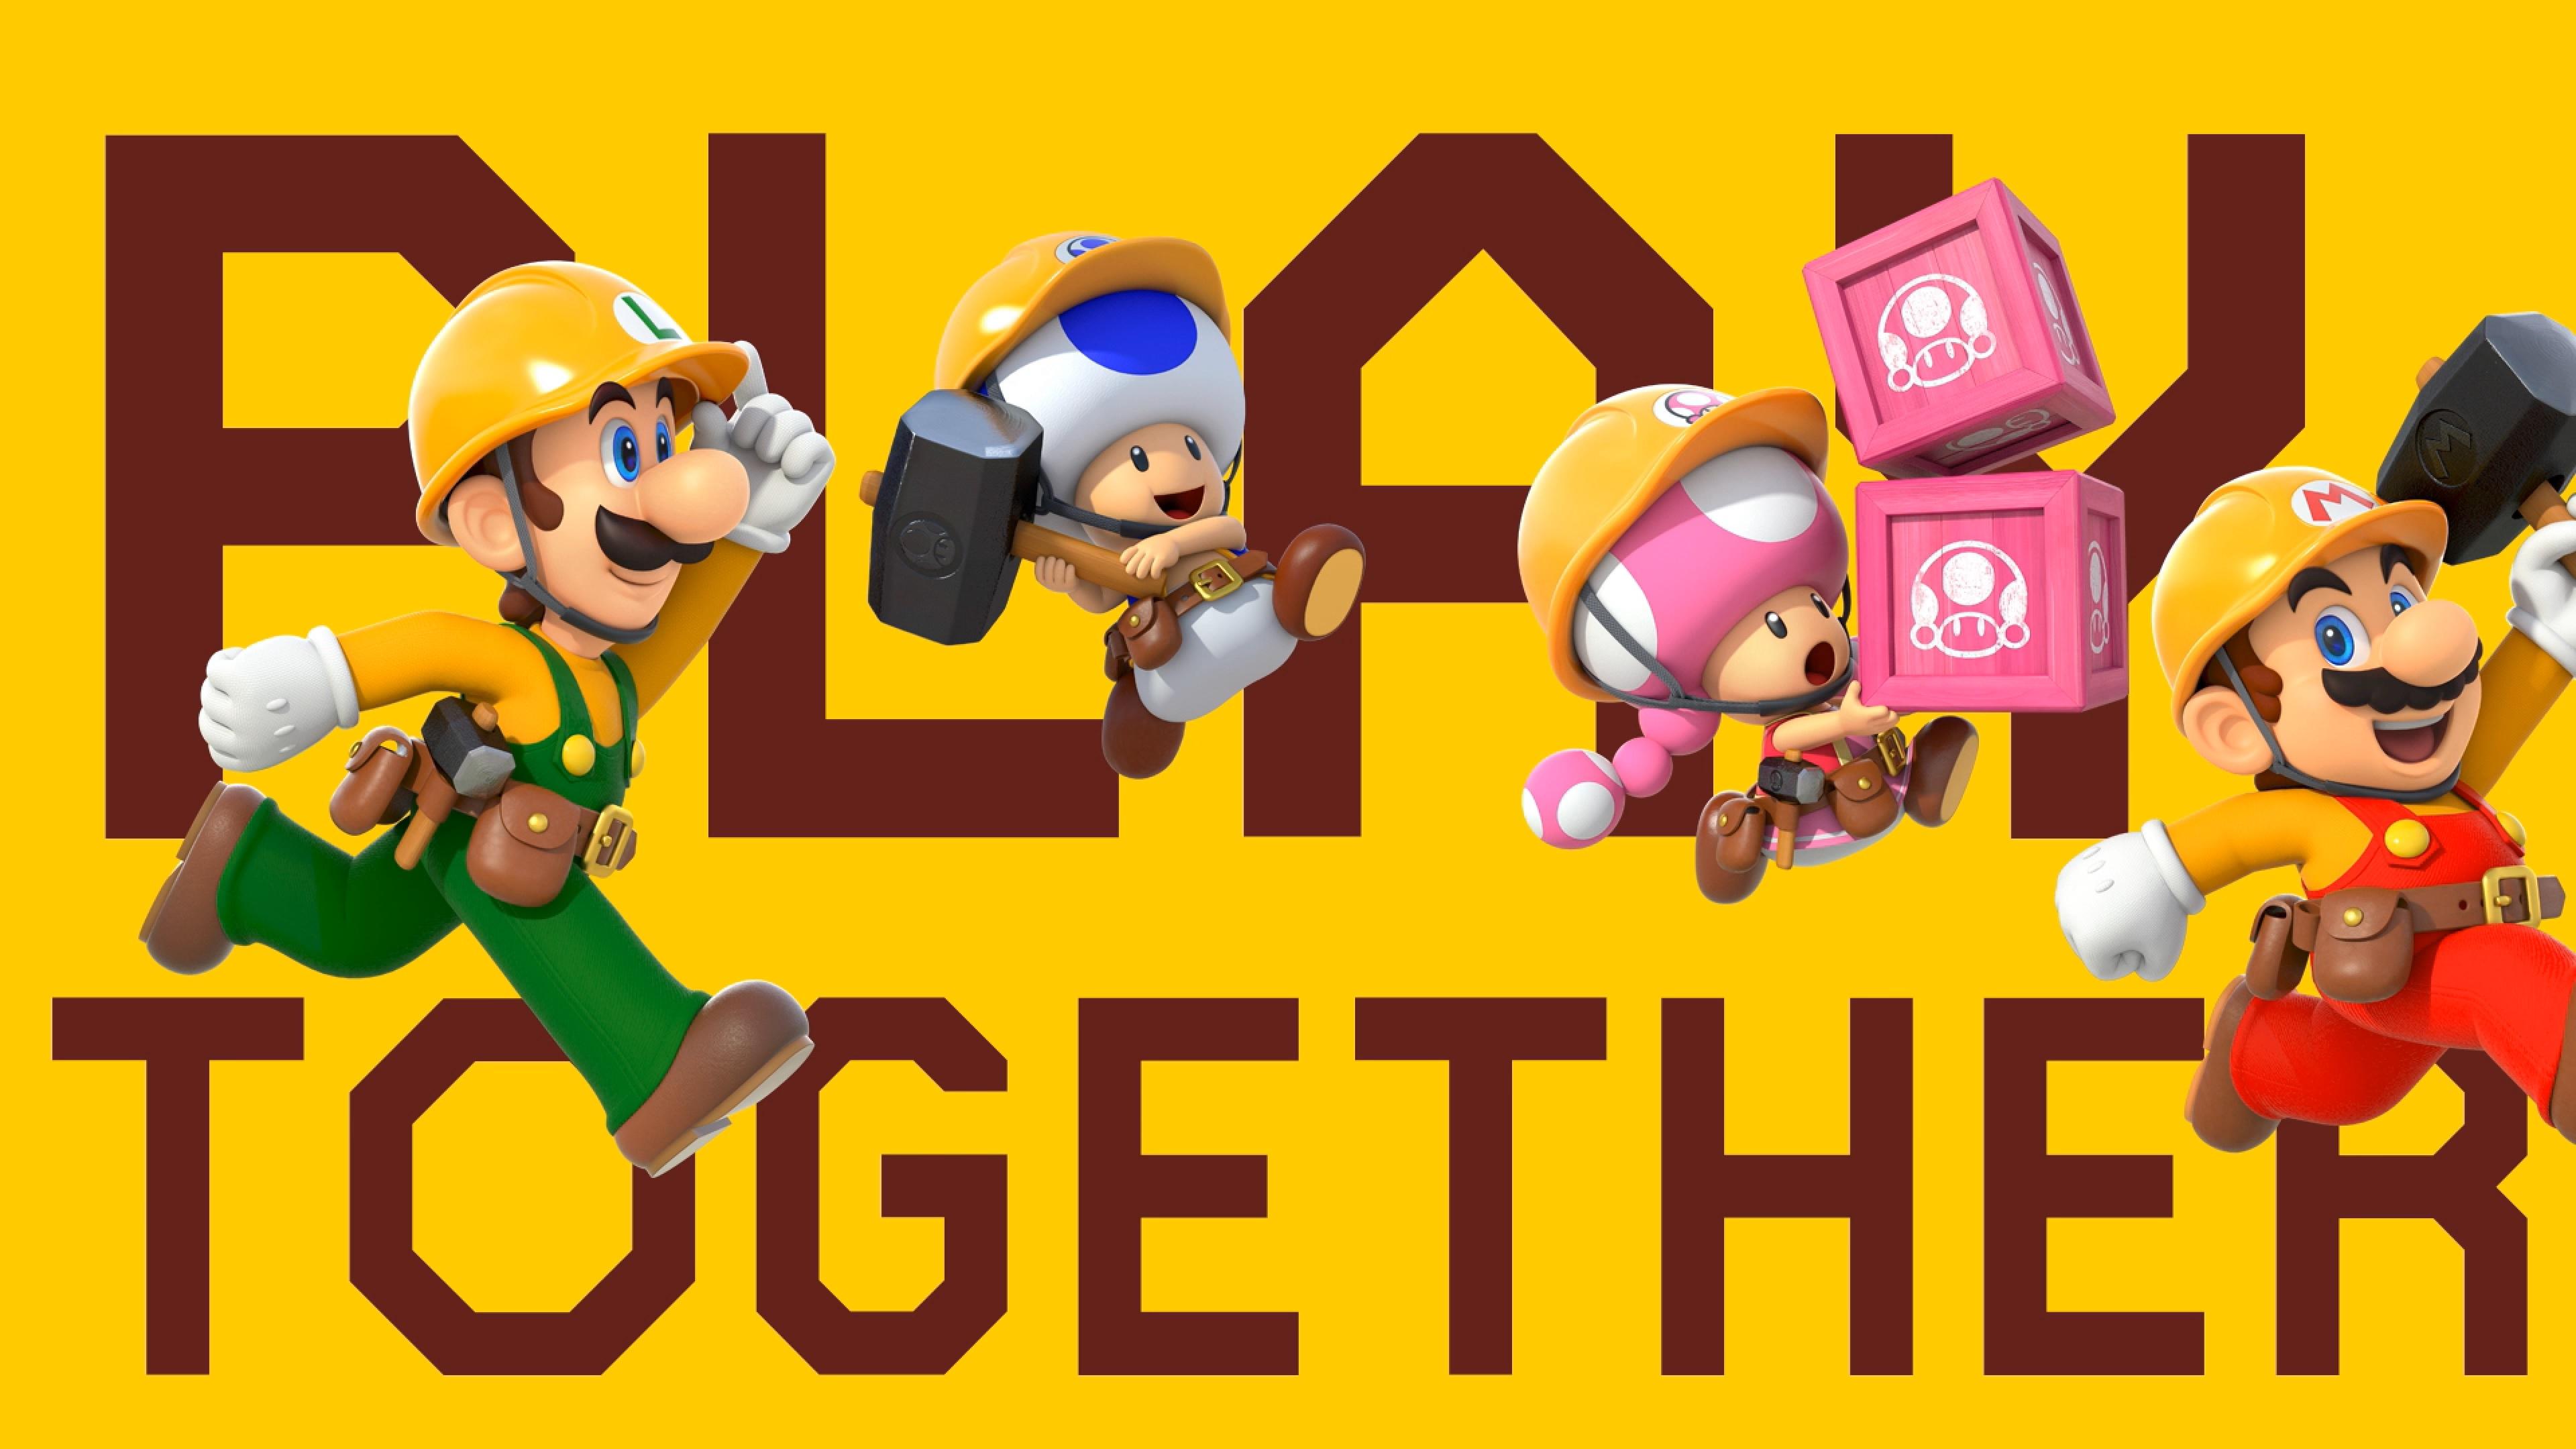 Nintendo officially confirms Super Mario Maker 2 doesn't let you